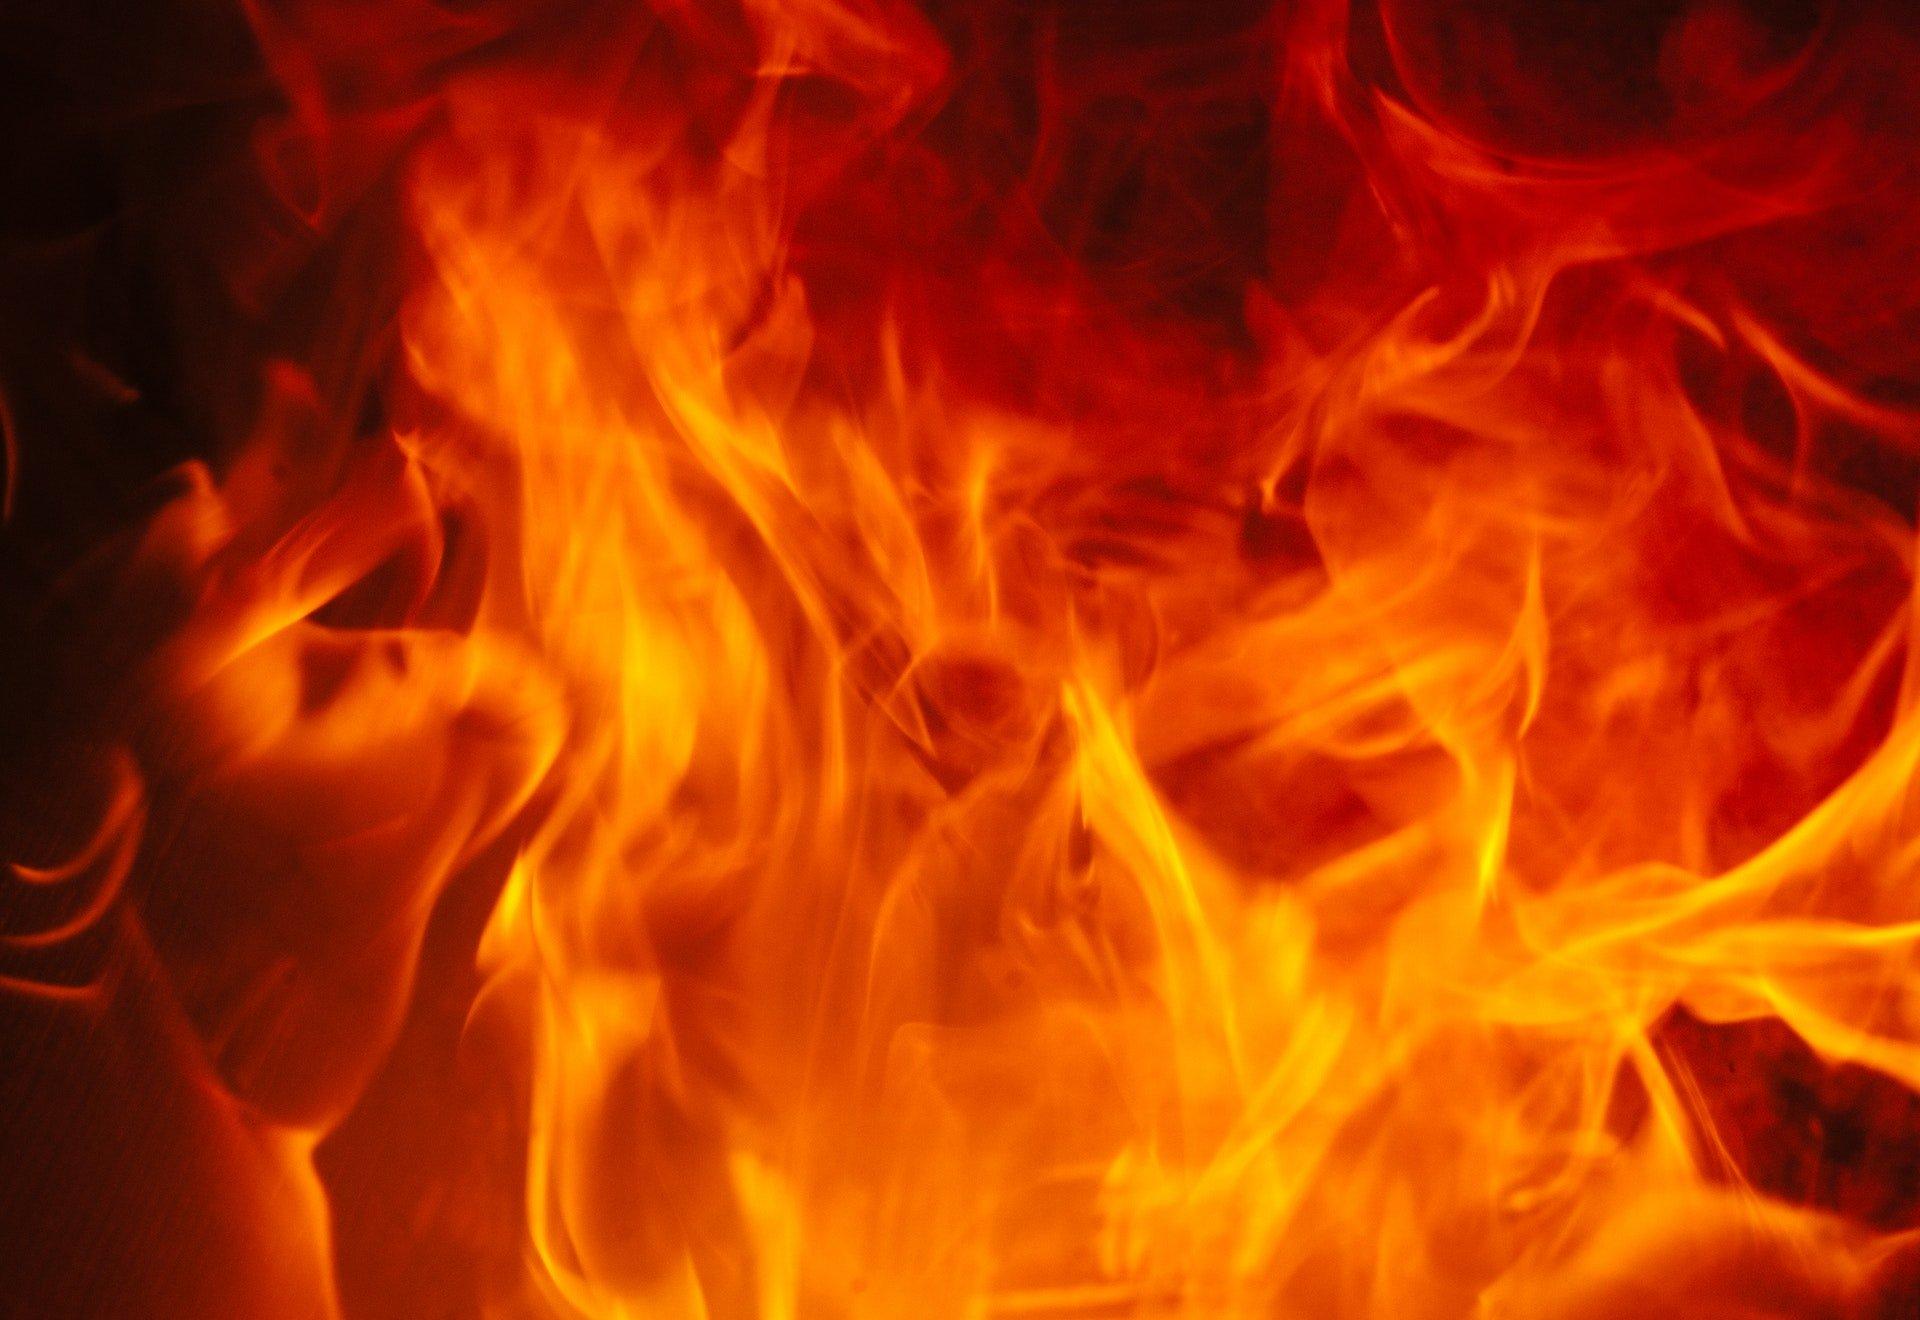 淡水火災火警通報:2018年08月08日紀錄(中山路) fire orange emergency burning 1